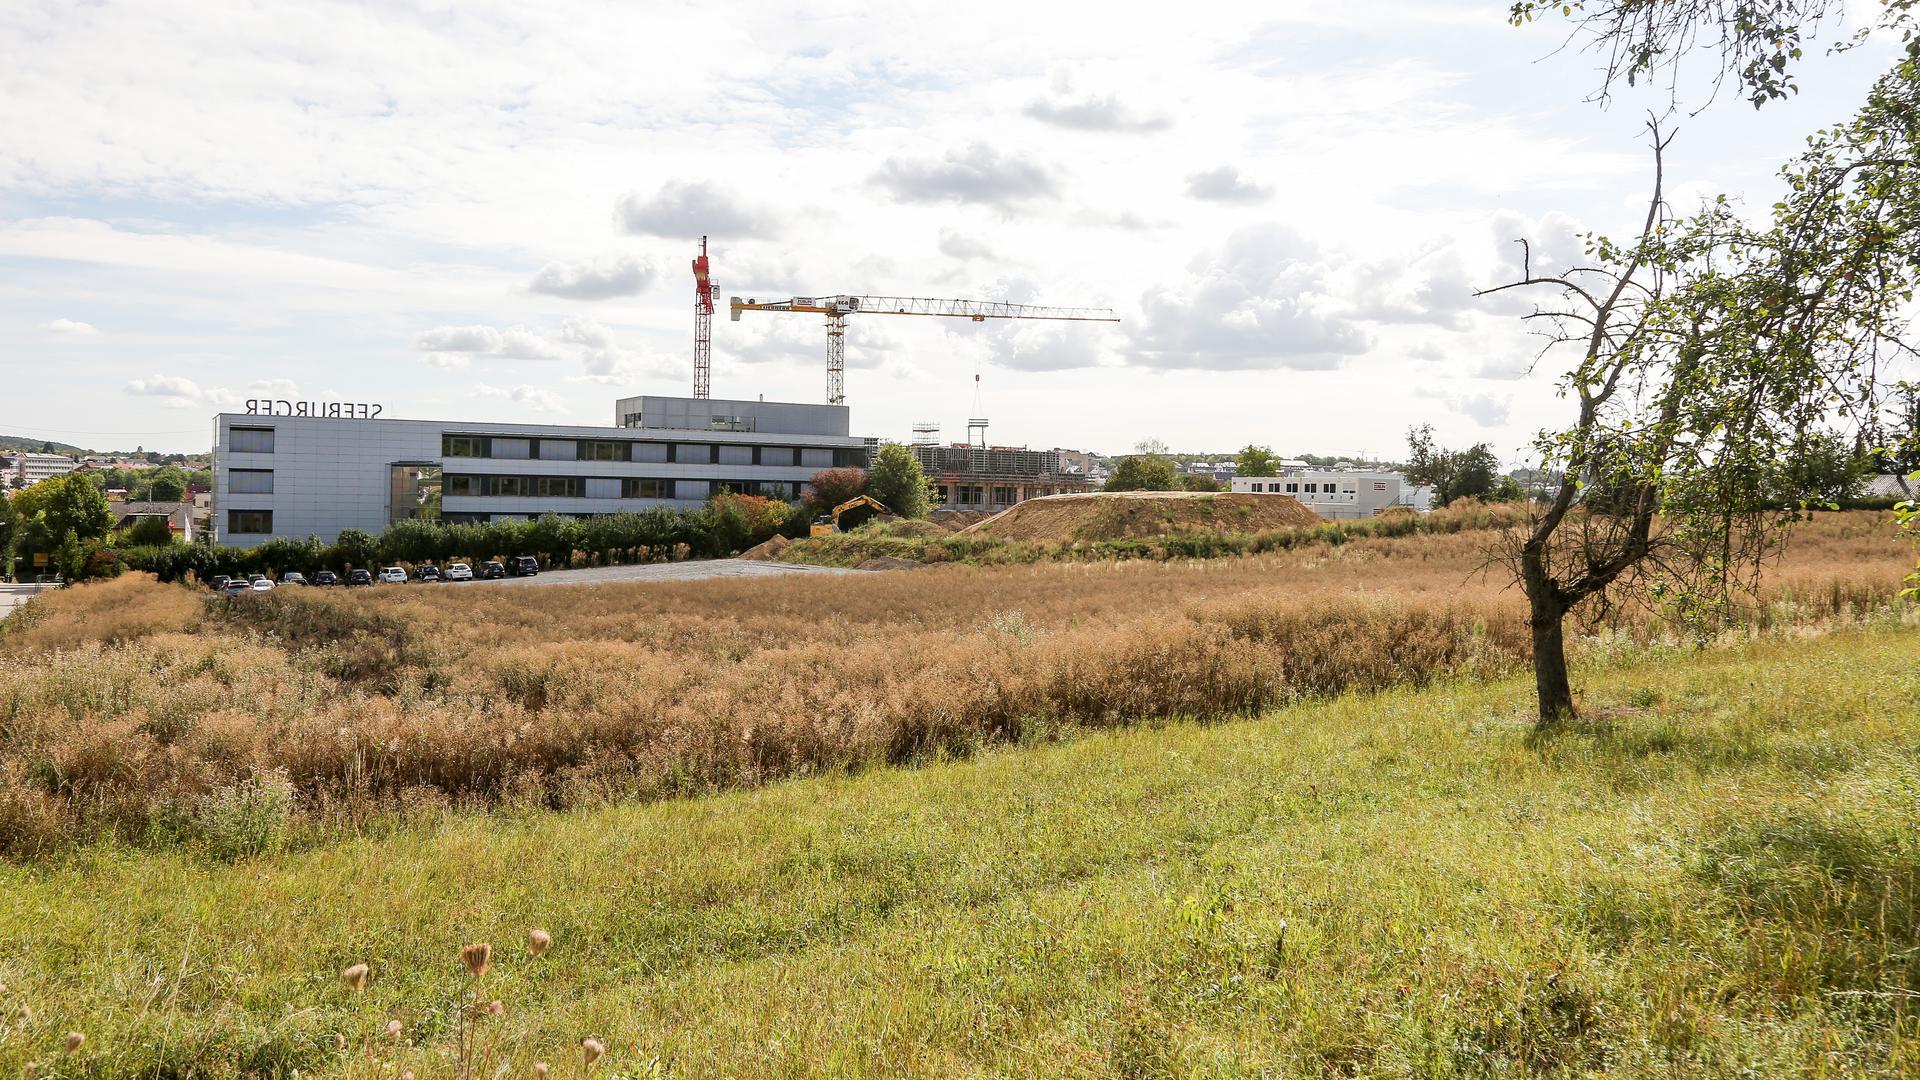 Das brach liegende Gelände hinter dem Gebäude der Seeburger AG.